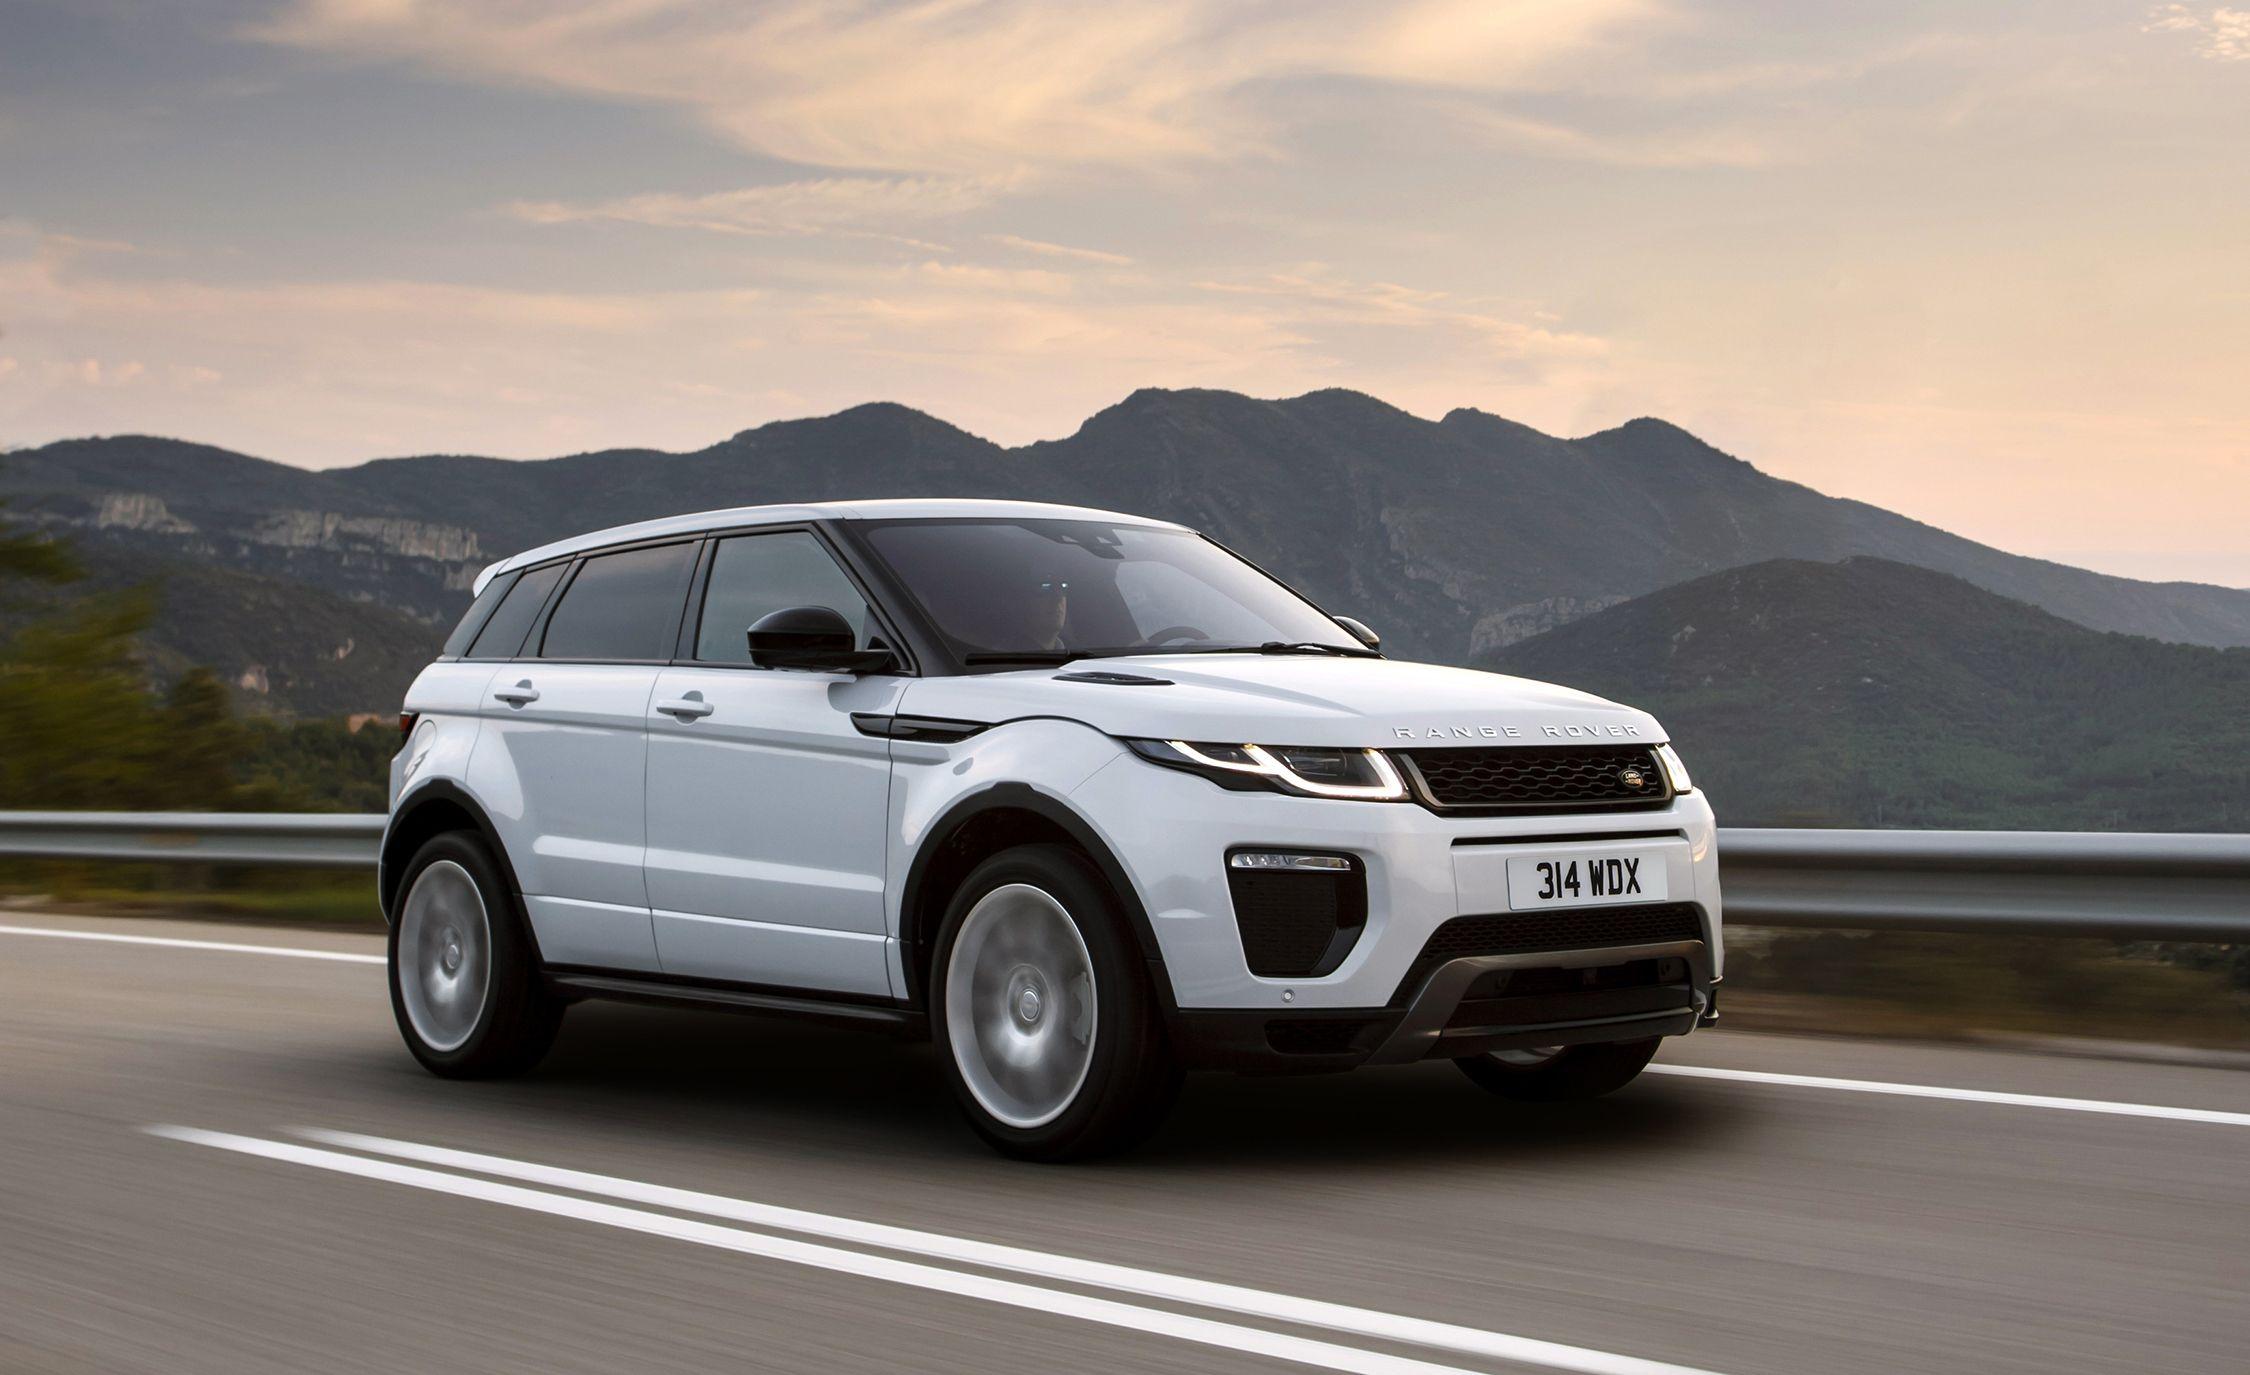 2018 Land Rover Range Rover Evoque Gallery